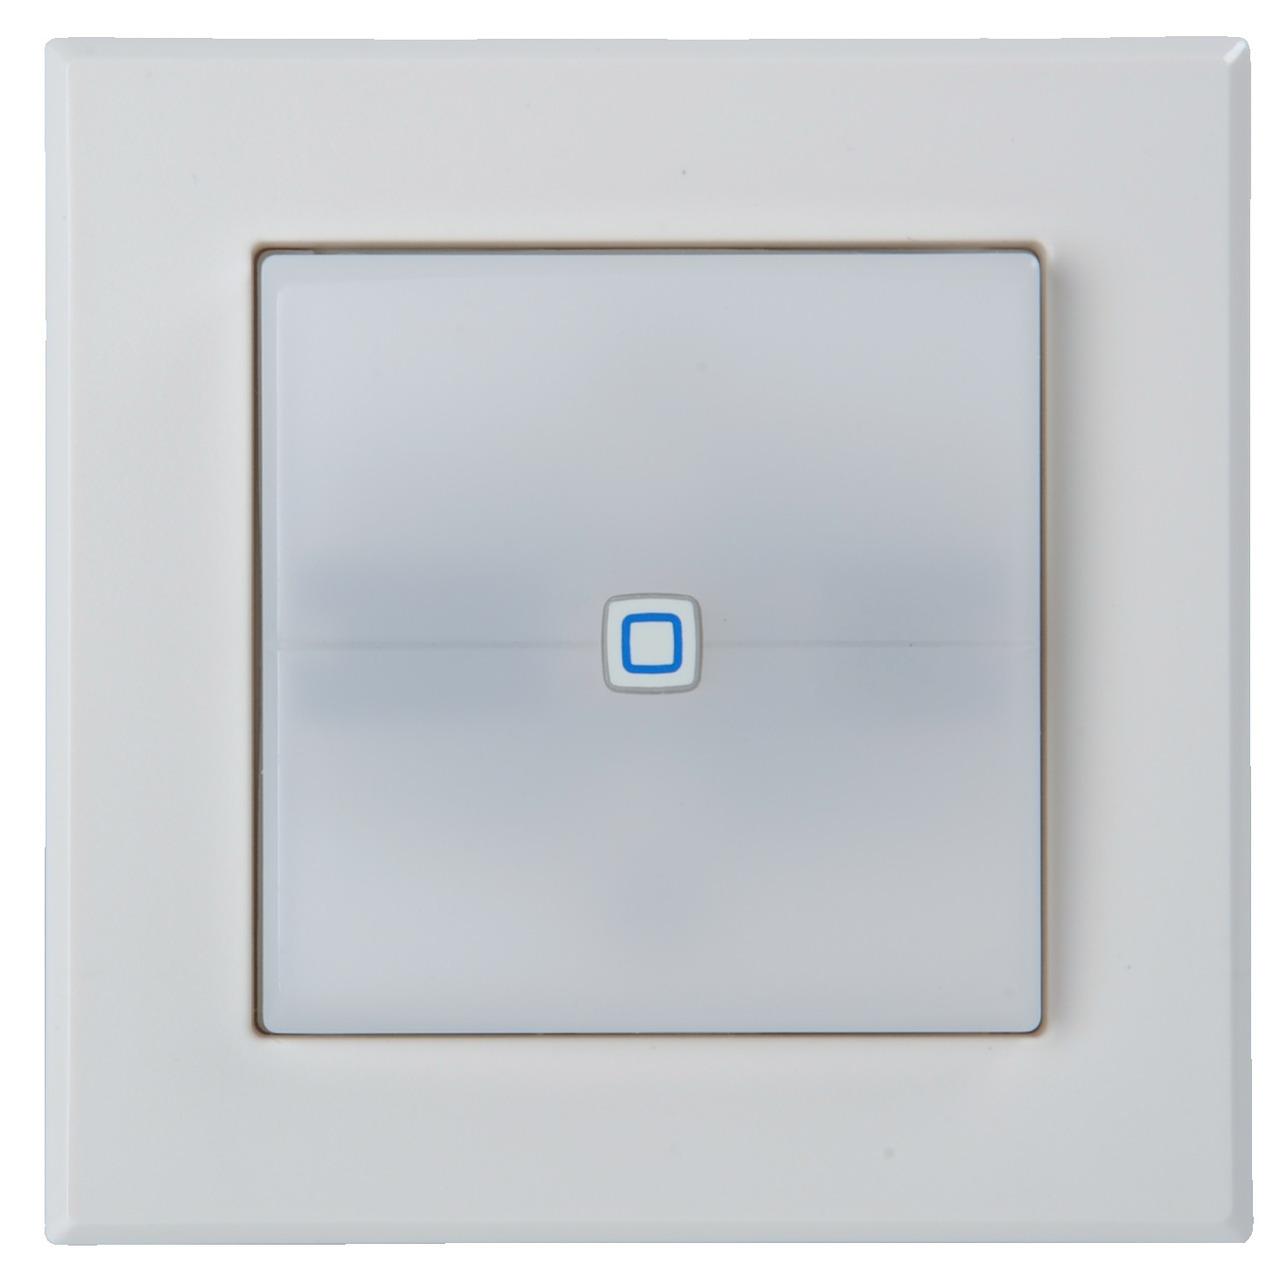 Homematic IP Schaltaktor fund-252 r Markenschalter mit Signalleuchte HmIP-BSL